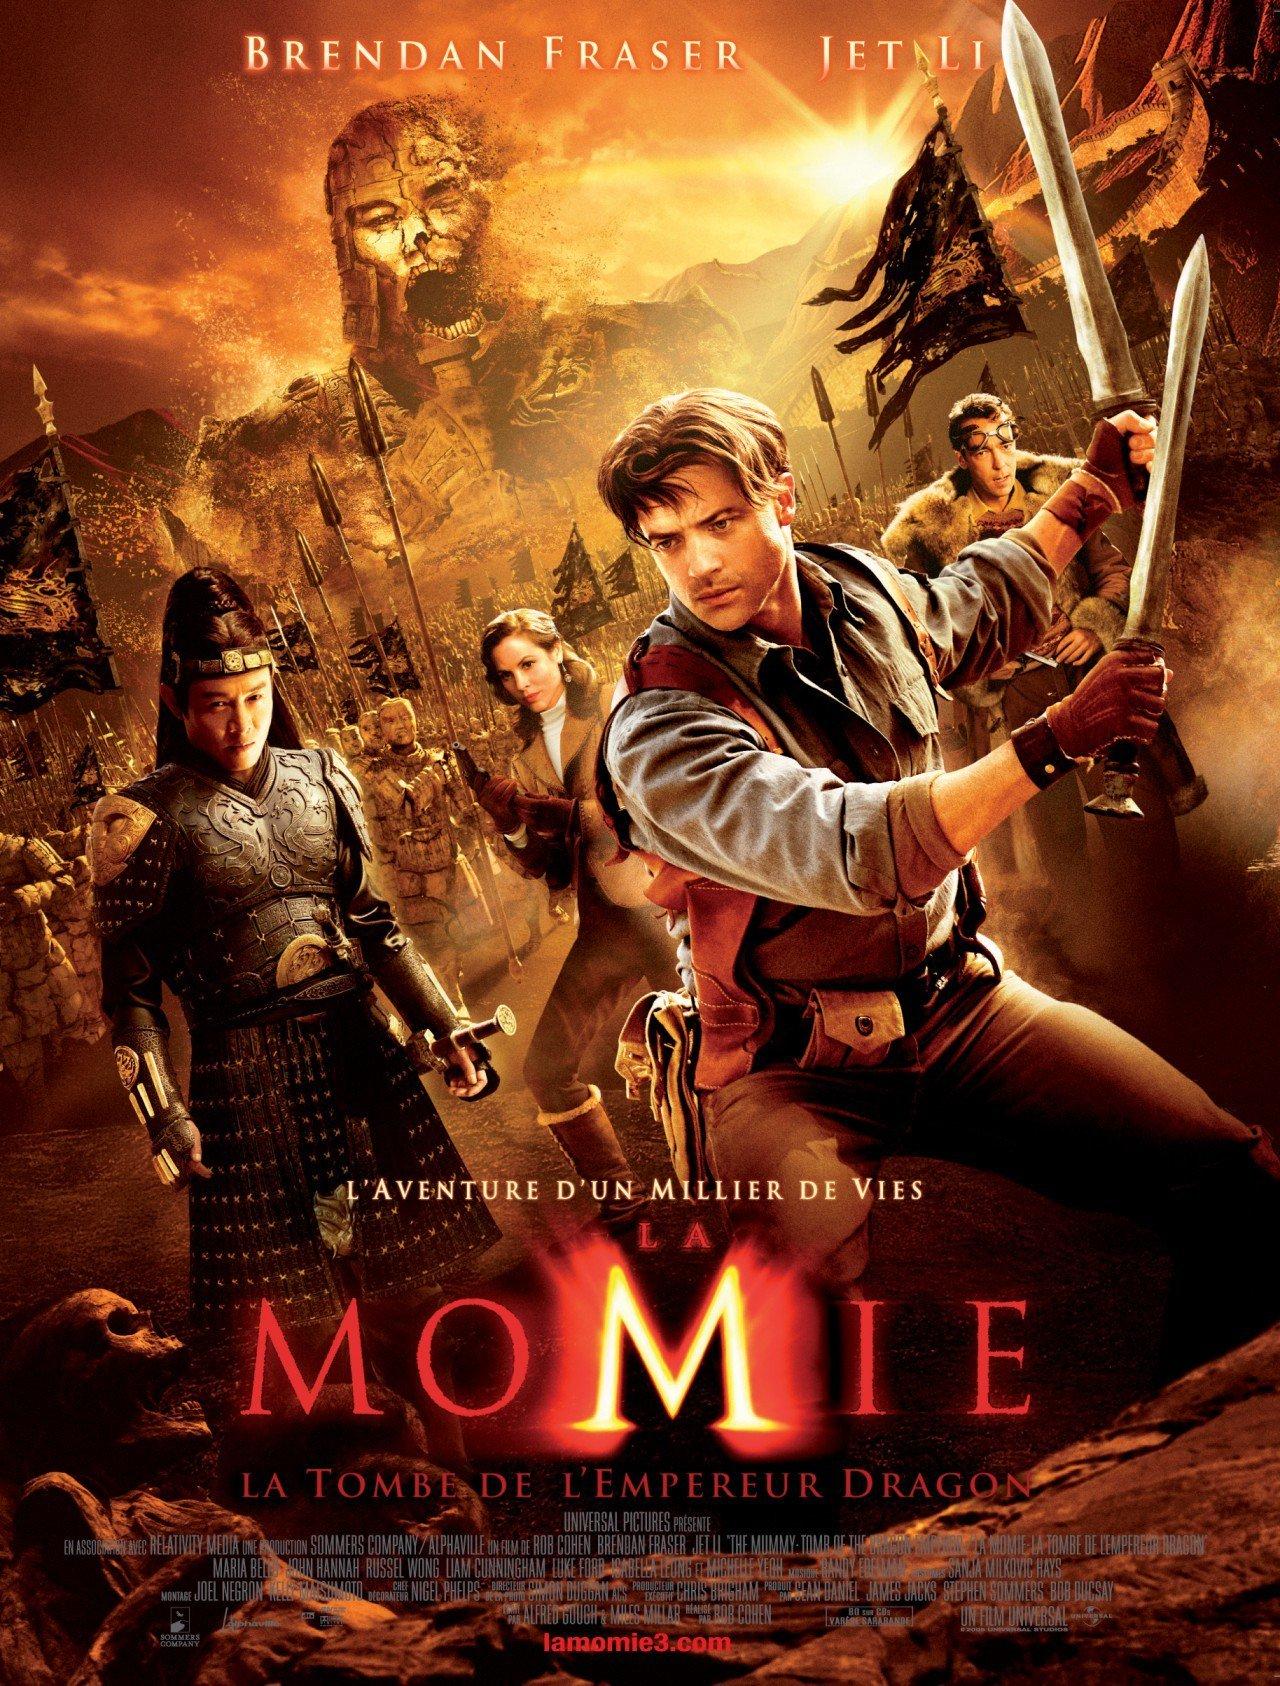 affiche du film La Momie : La Tombe de l'empereur dragon